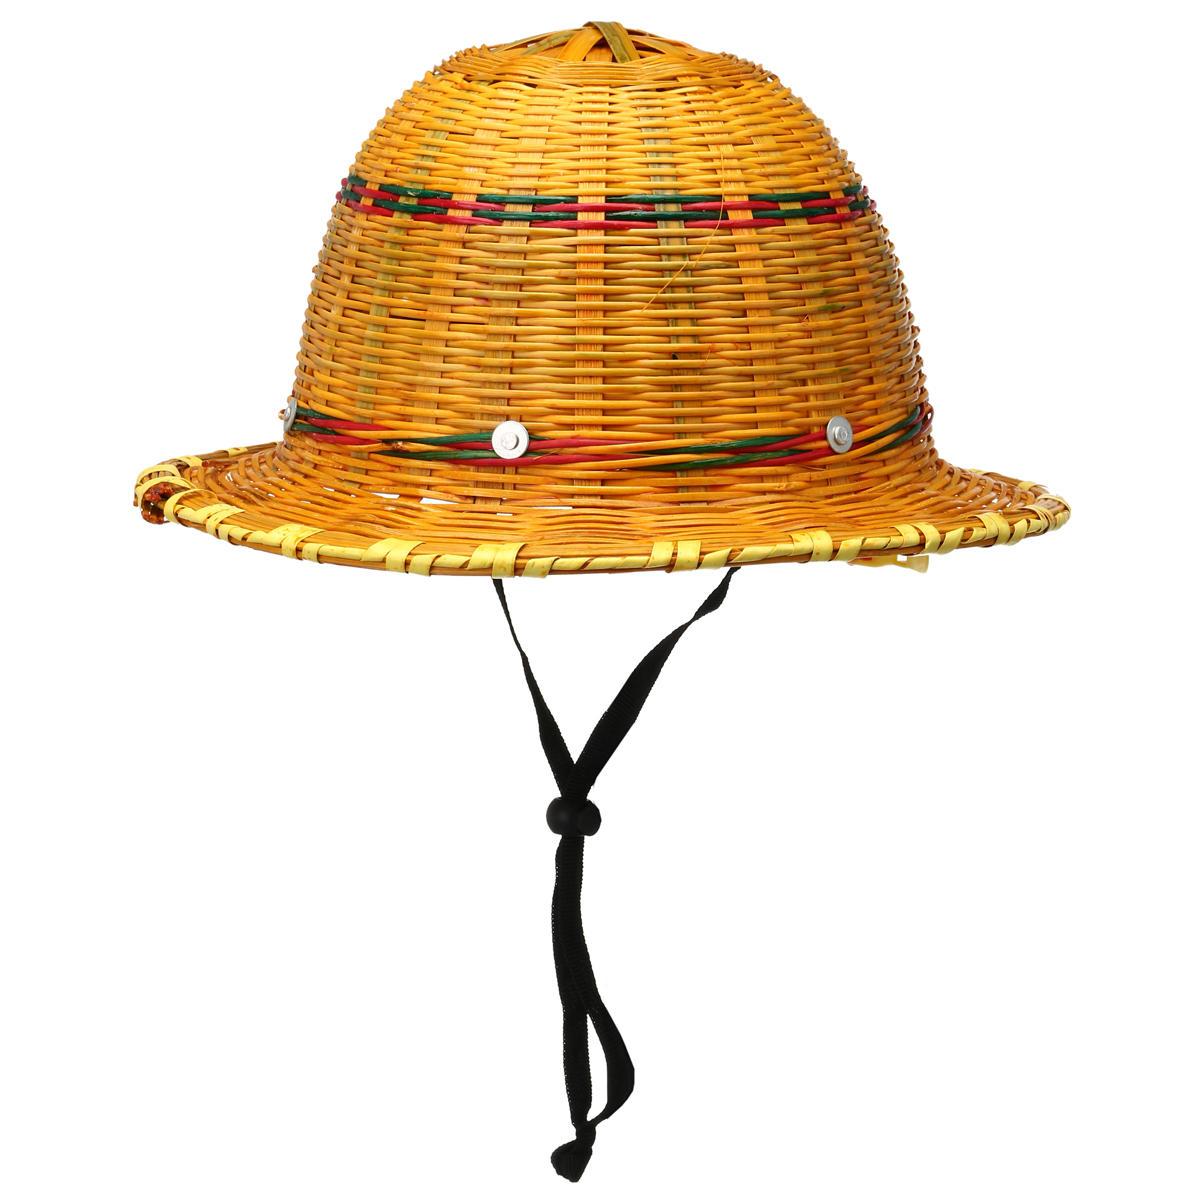 خوذة السلامة، الخيزران، القبعة، الصيف، بناء عمارة، العامل، مشى، القبعة الواقية من الشمس